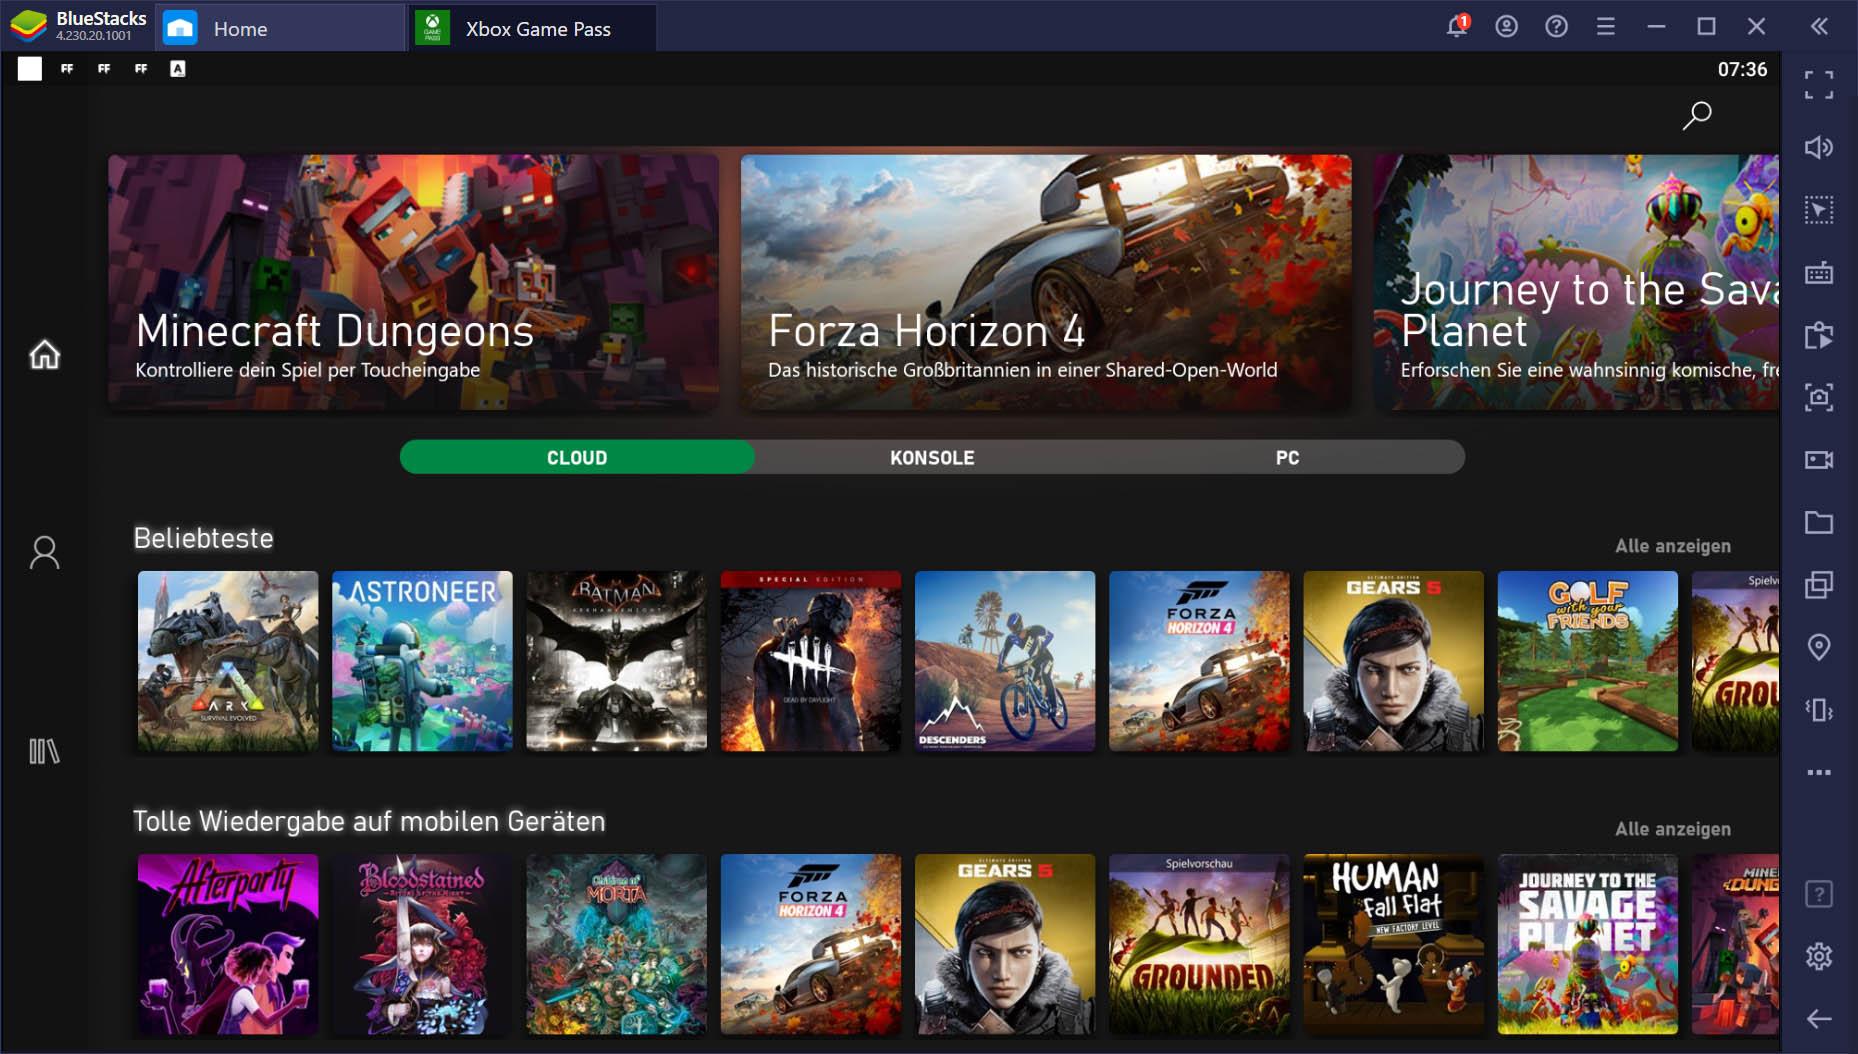 Project xClouds weltweite Veröffentlichung – Spiele deine Lieblings-Xbox-Spiele auf deinem Android-Gerät